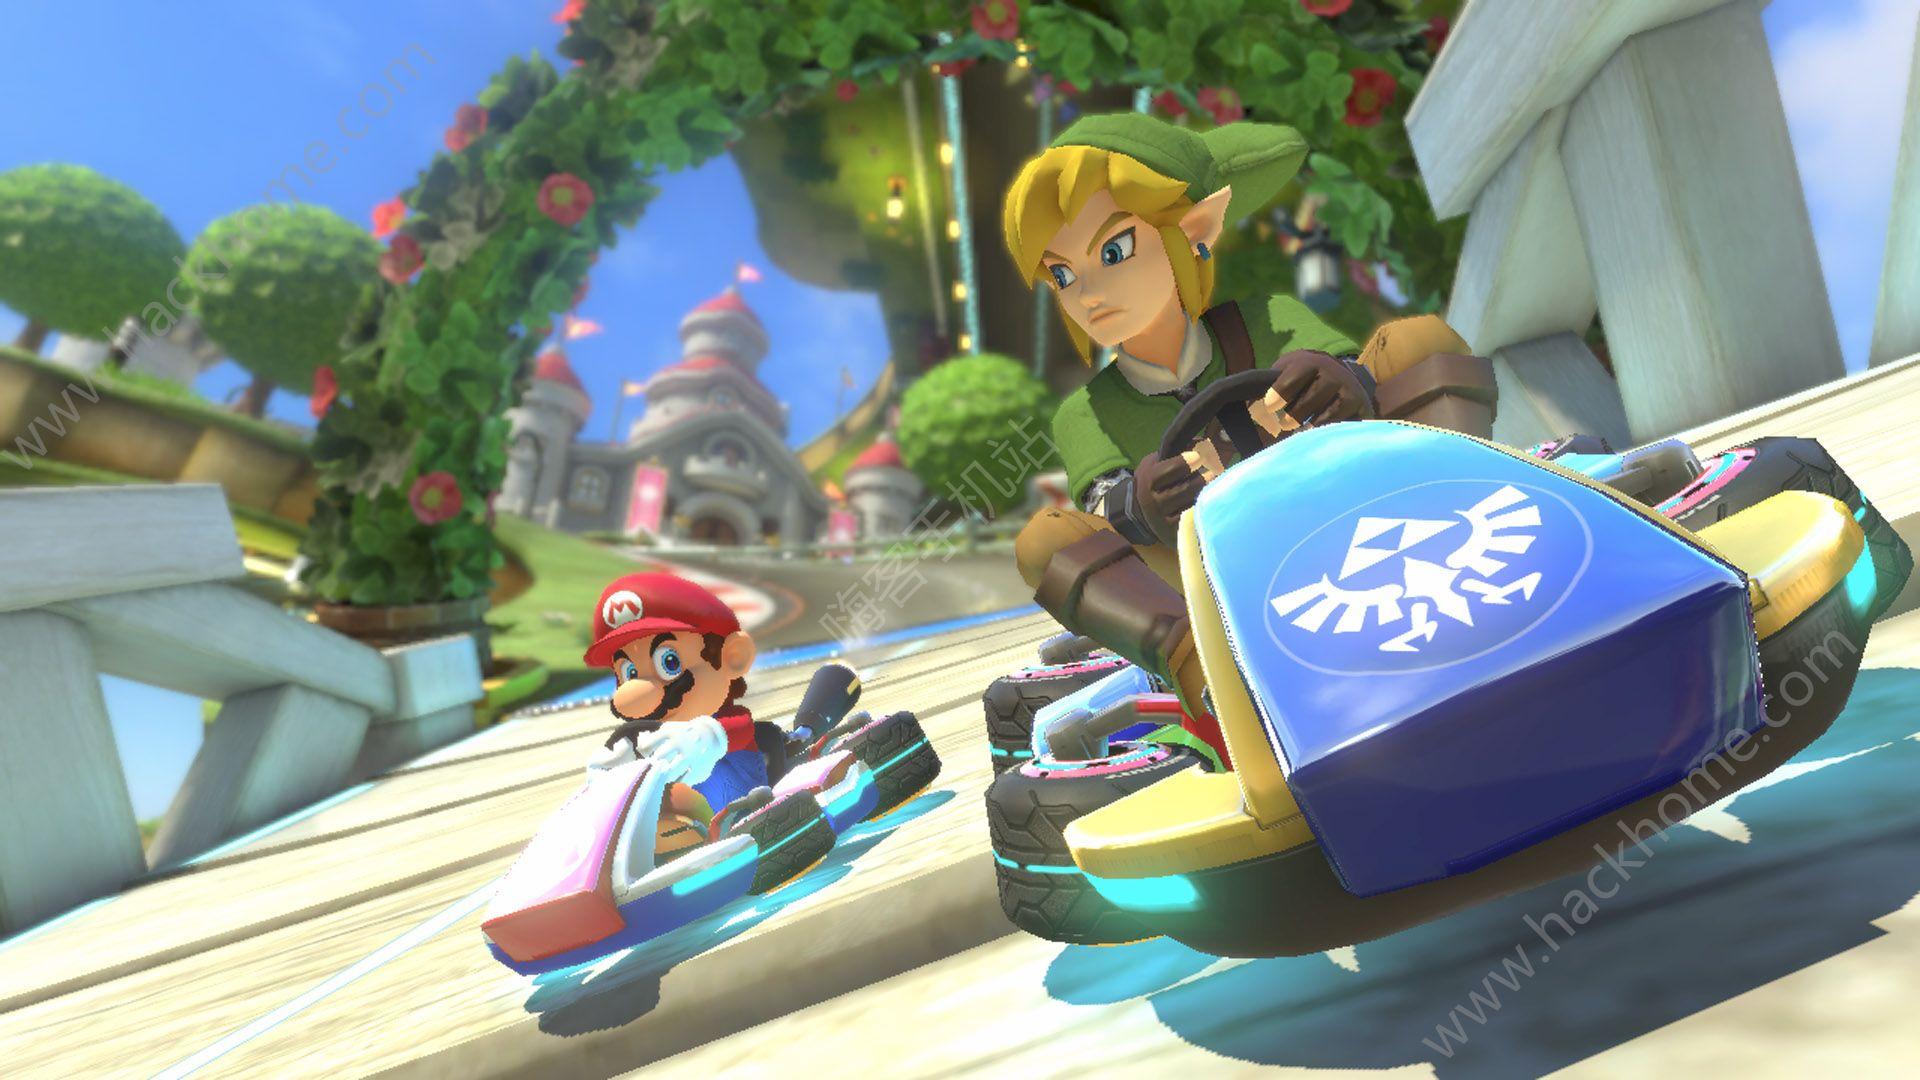 马里奥赛车巡回赛手游官网下载(Mario Kart Tour)图3: